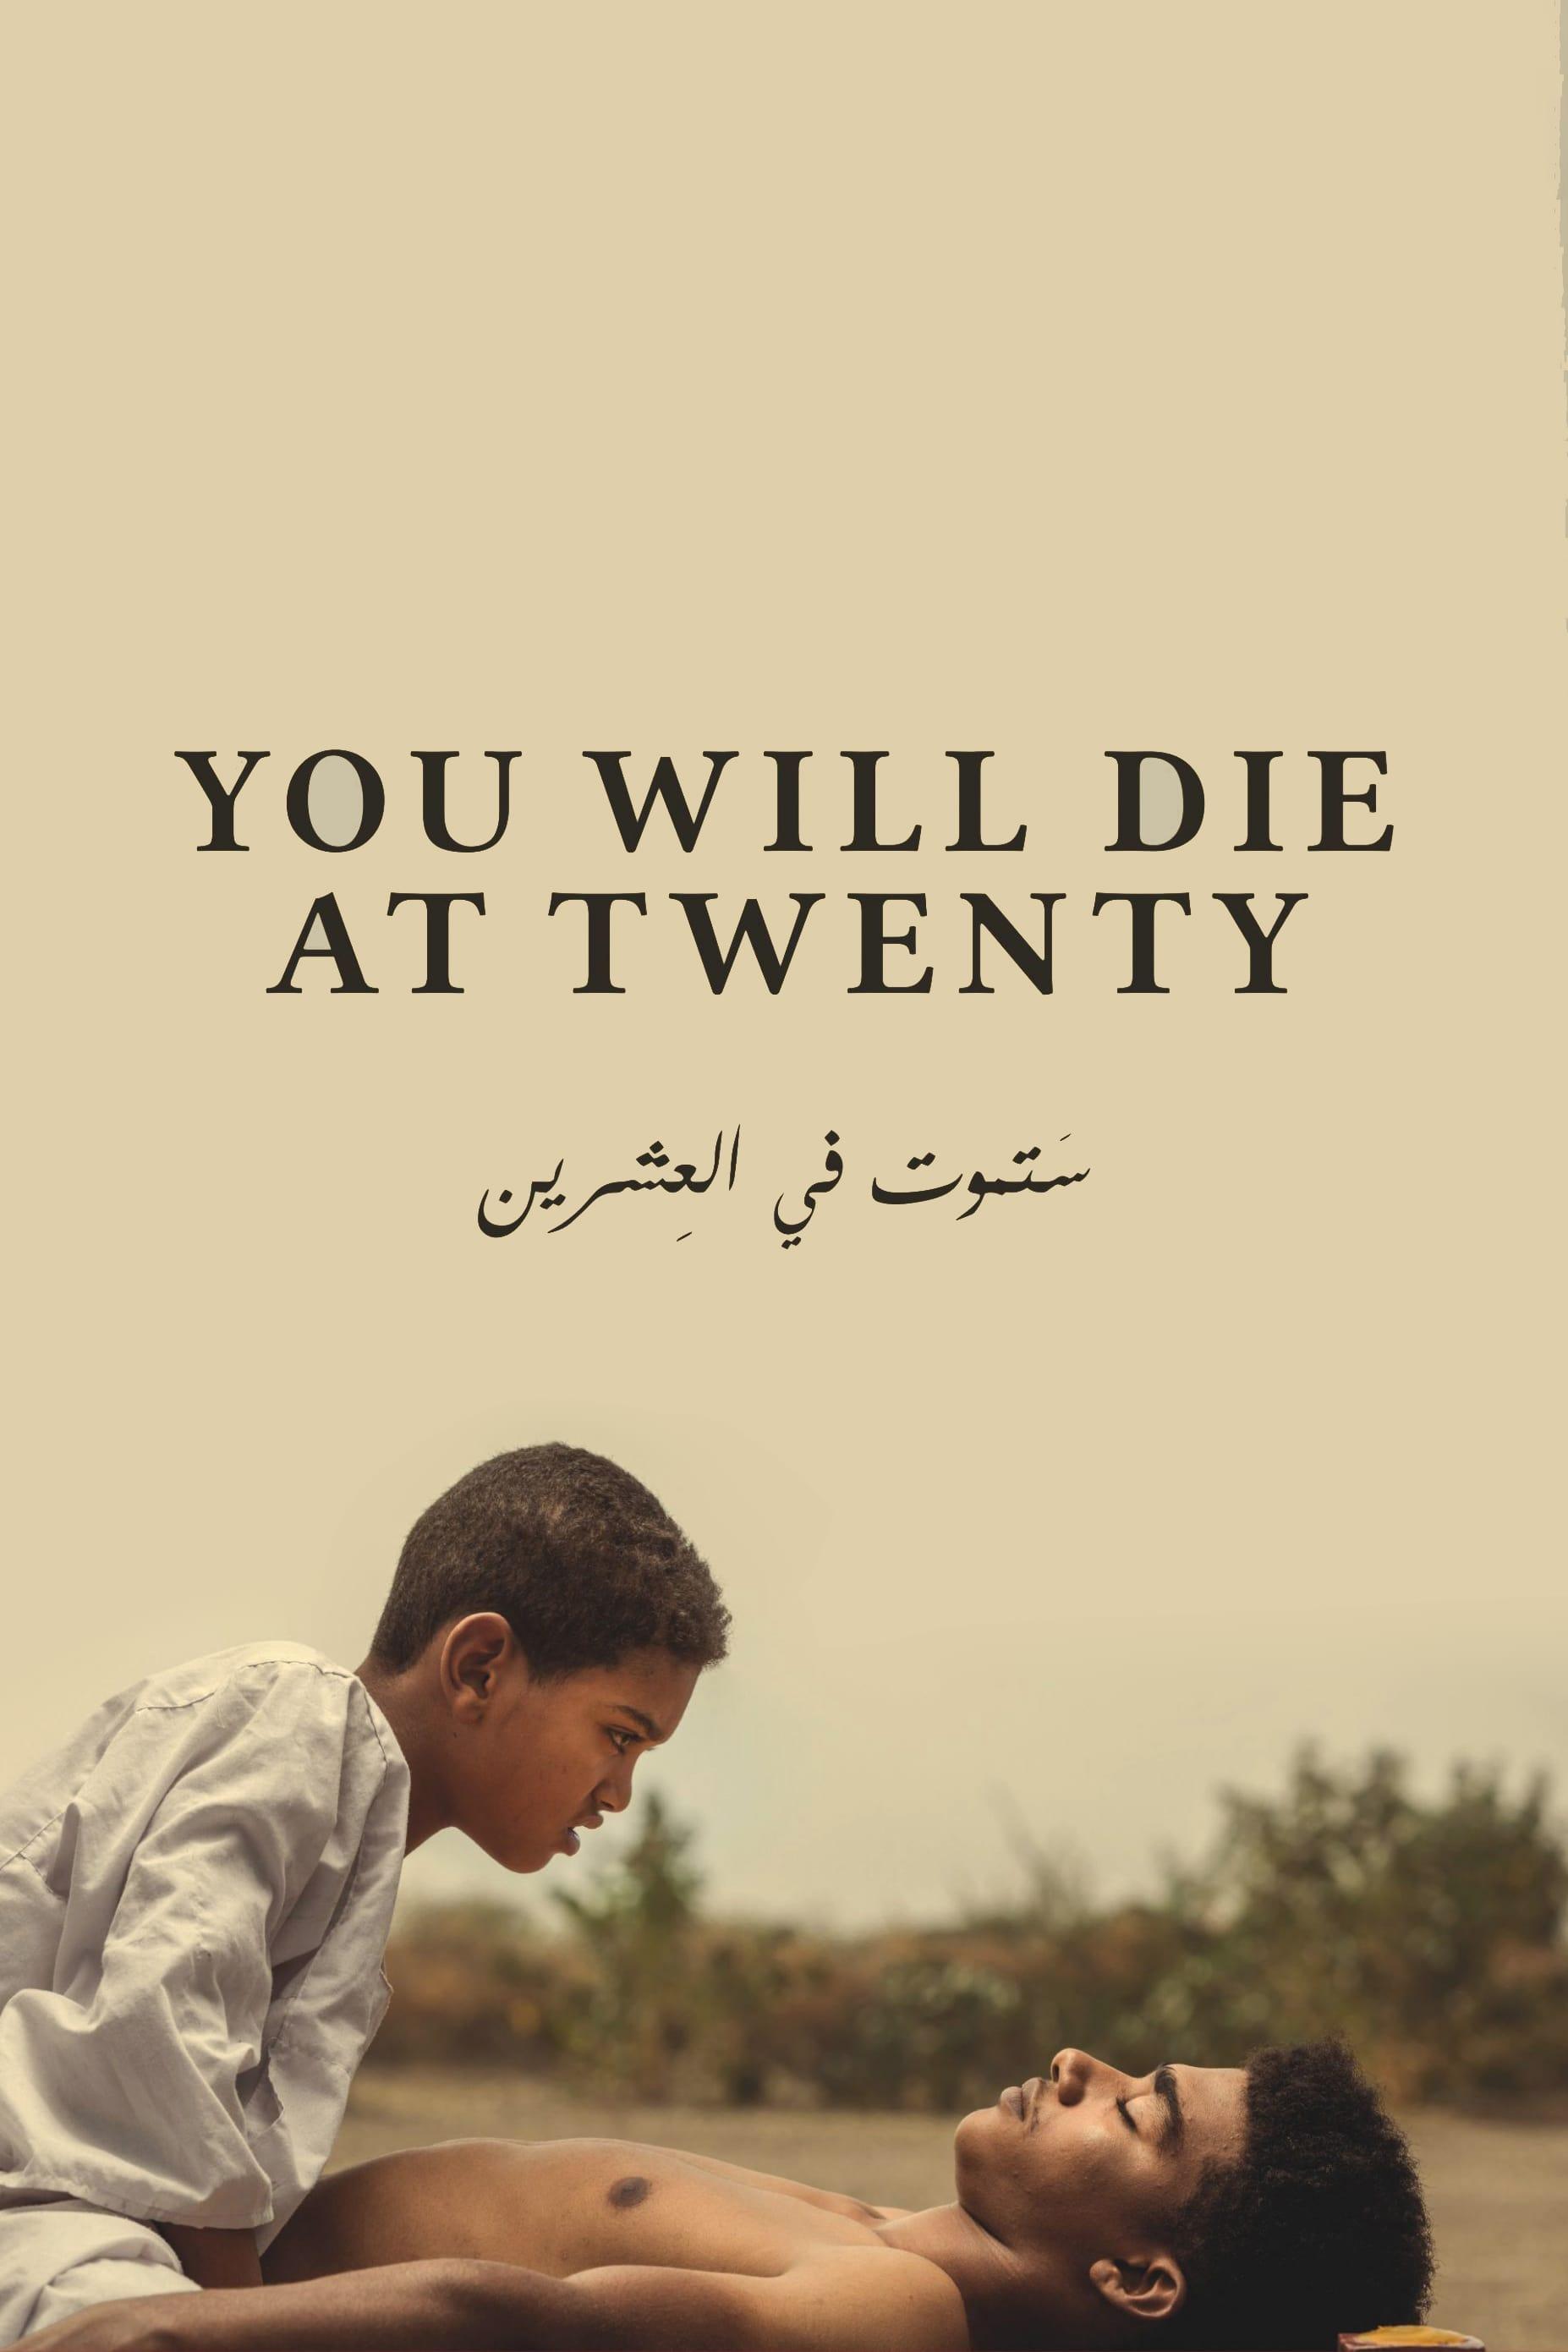 ستموت في العشرين